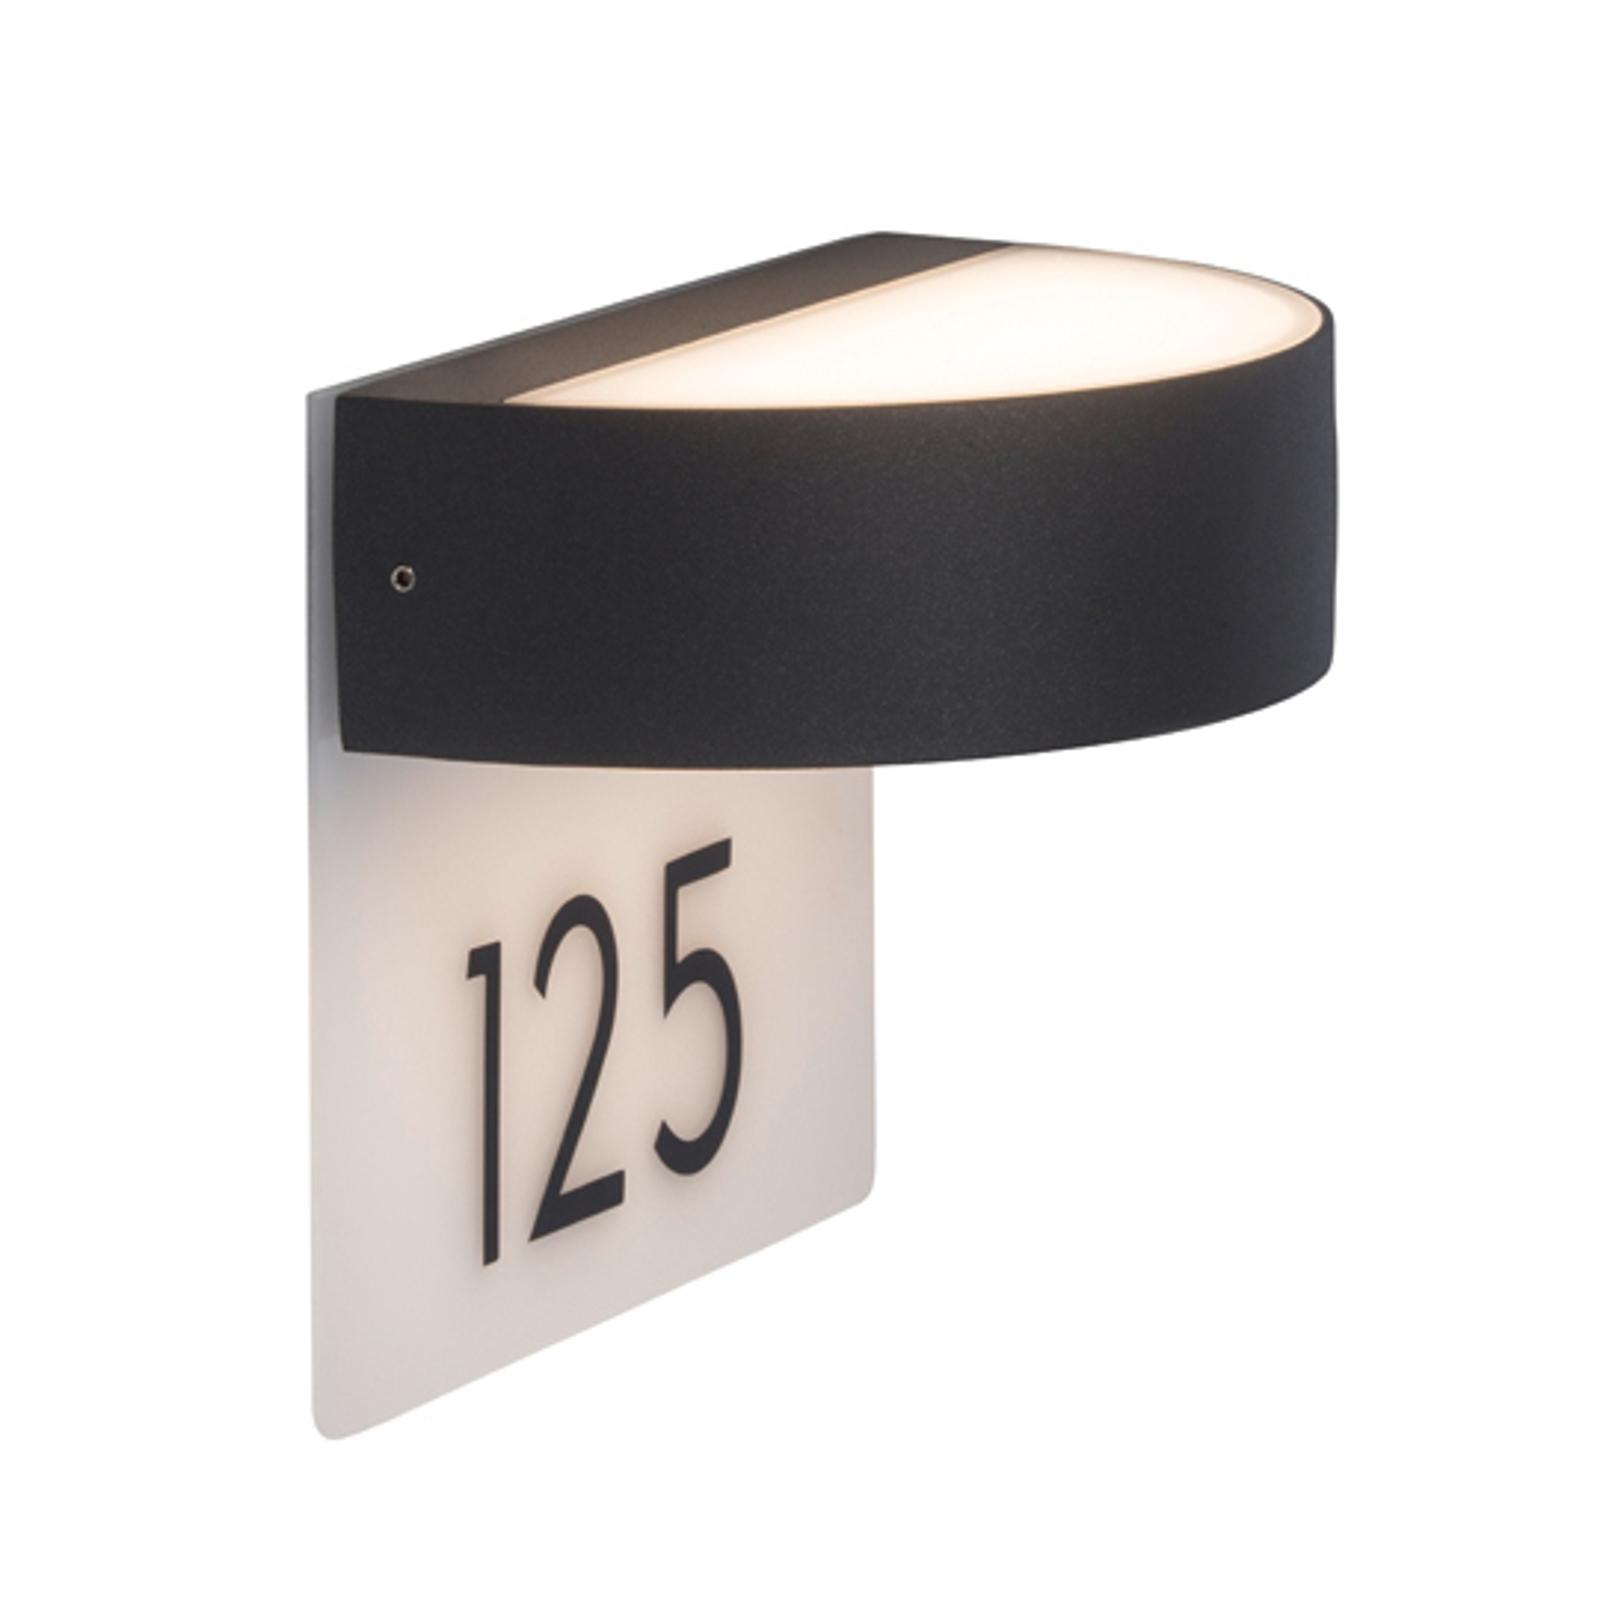 Elegante lampada LED per numero civico Monido